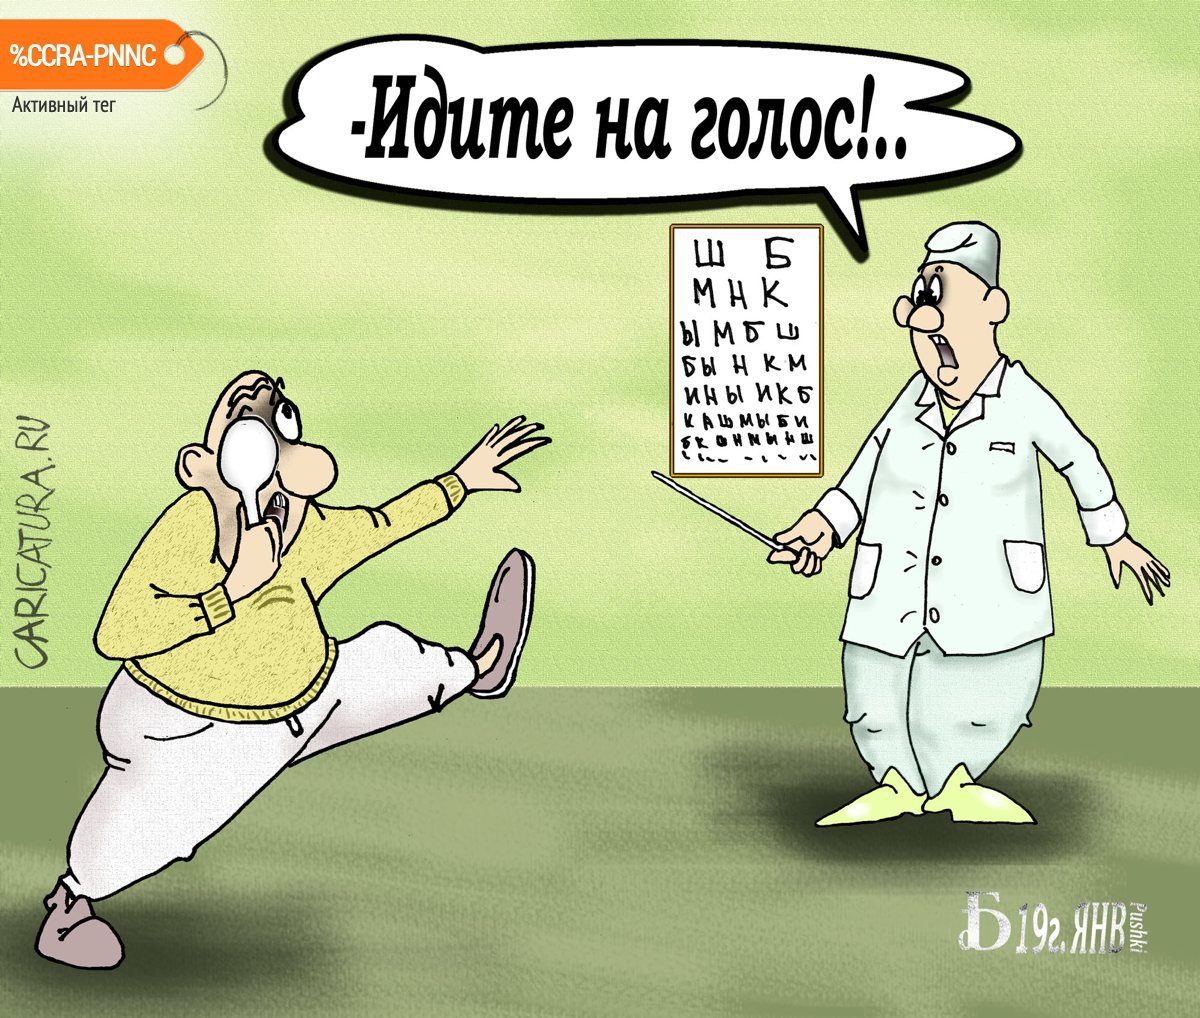 Про голос, Борис Демин